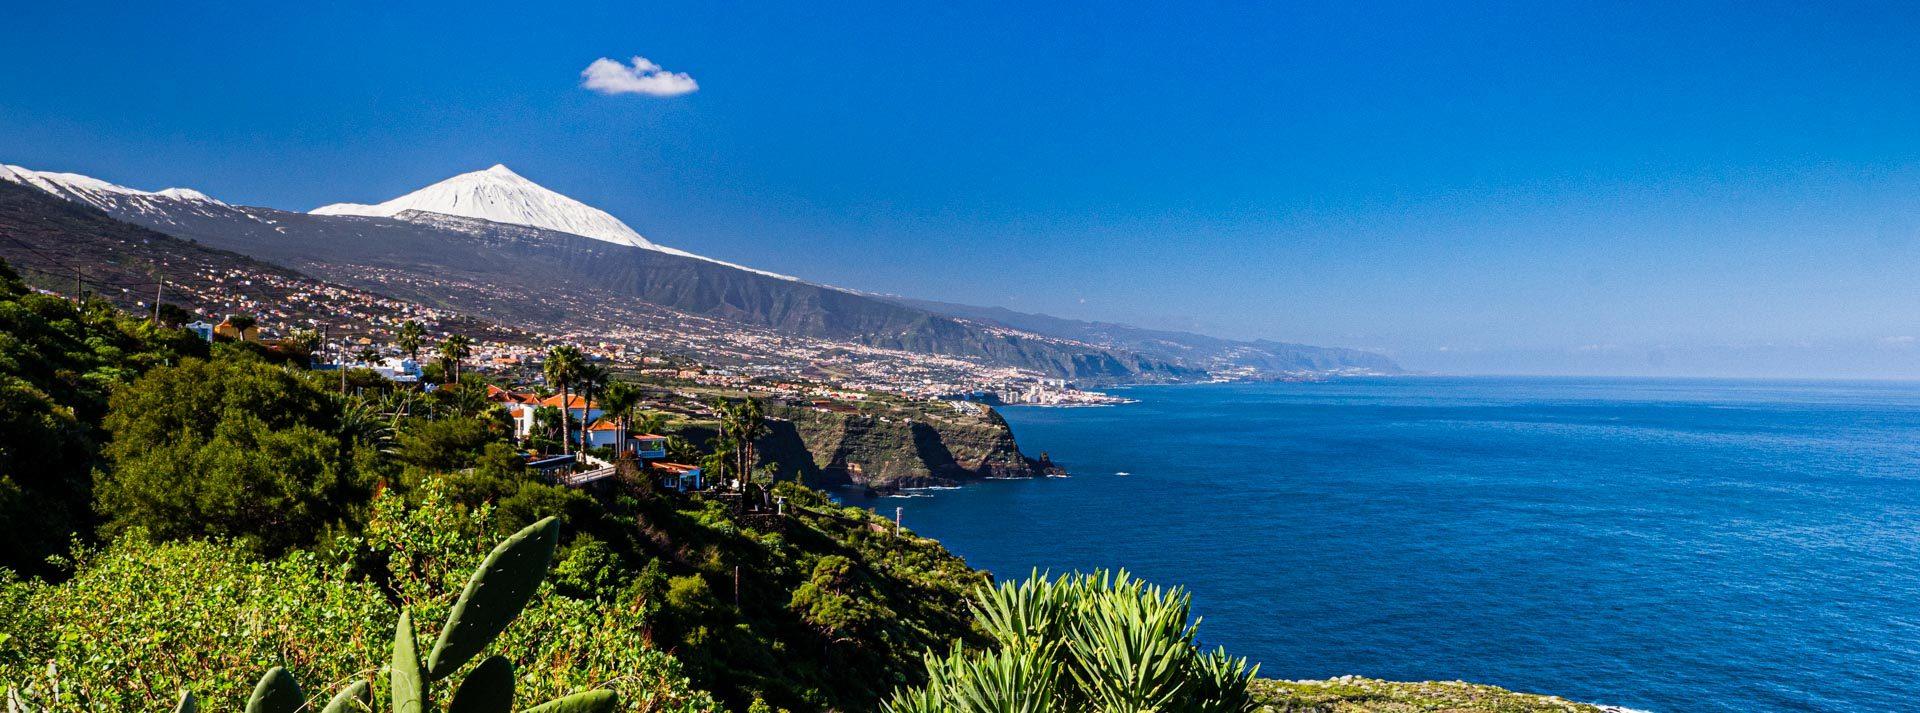 Teide y costa norte de Tenerife